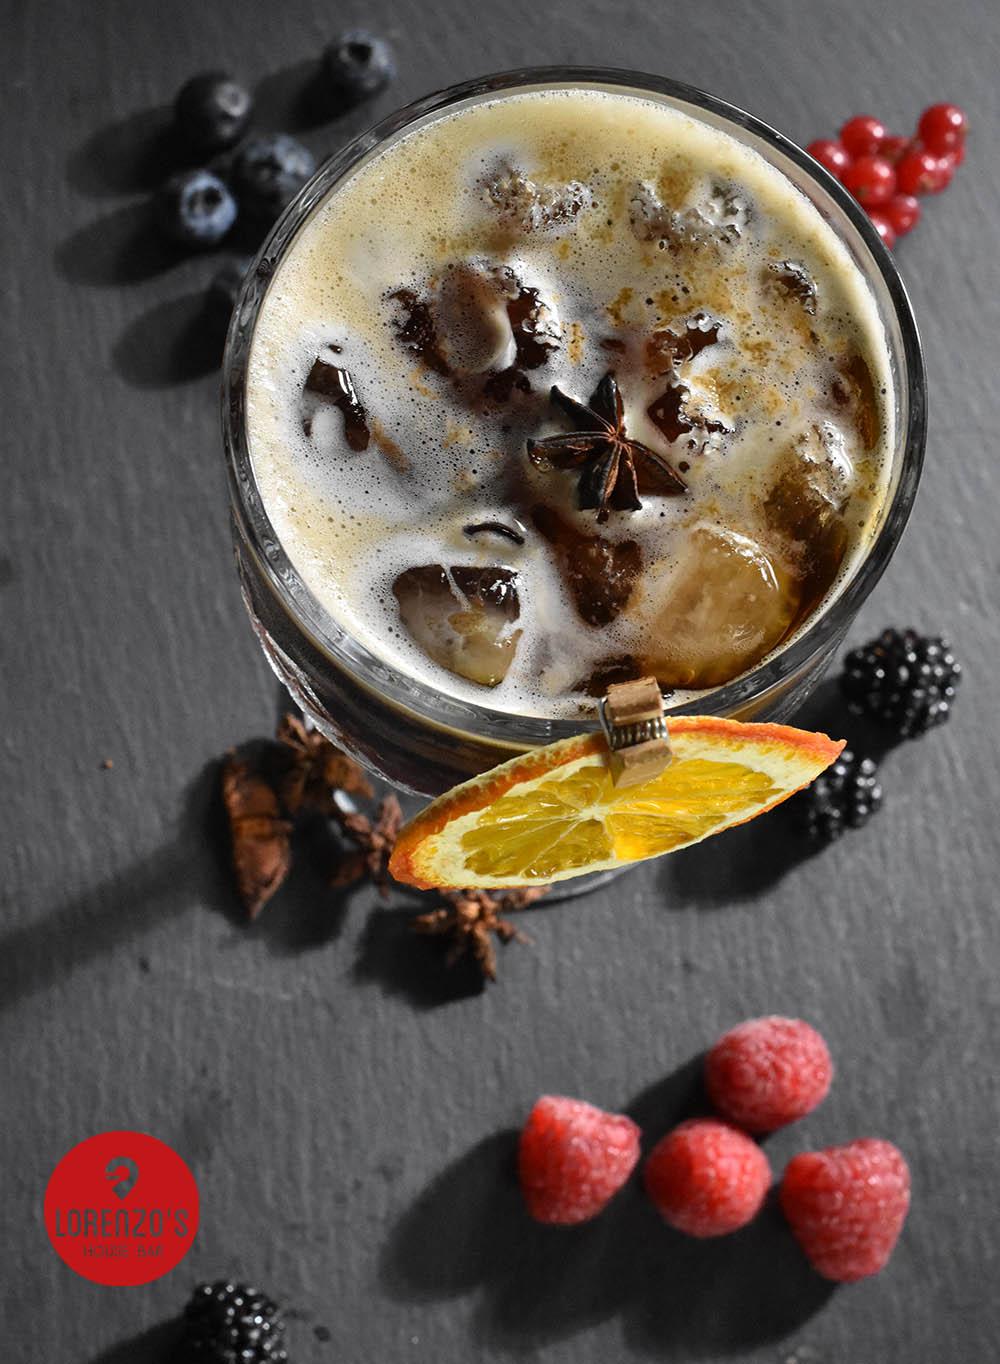 Servizio fotografico per Barman cocktail